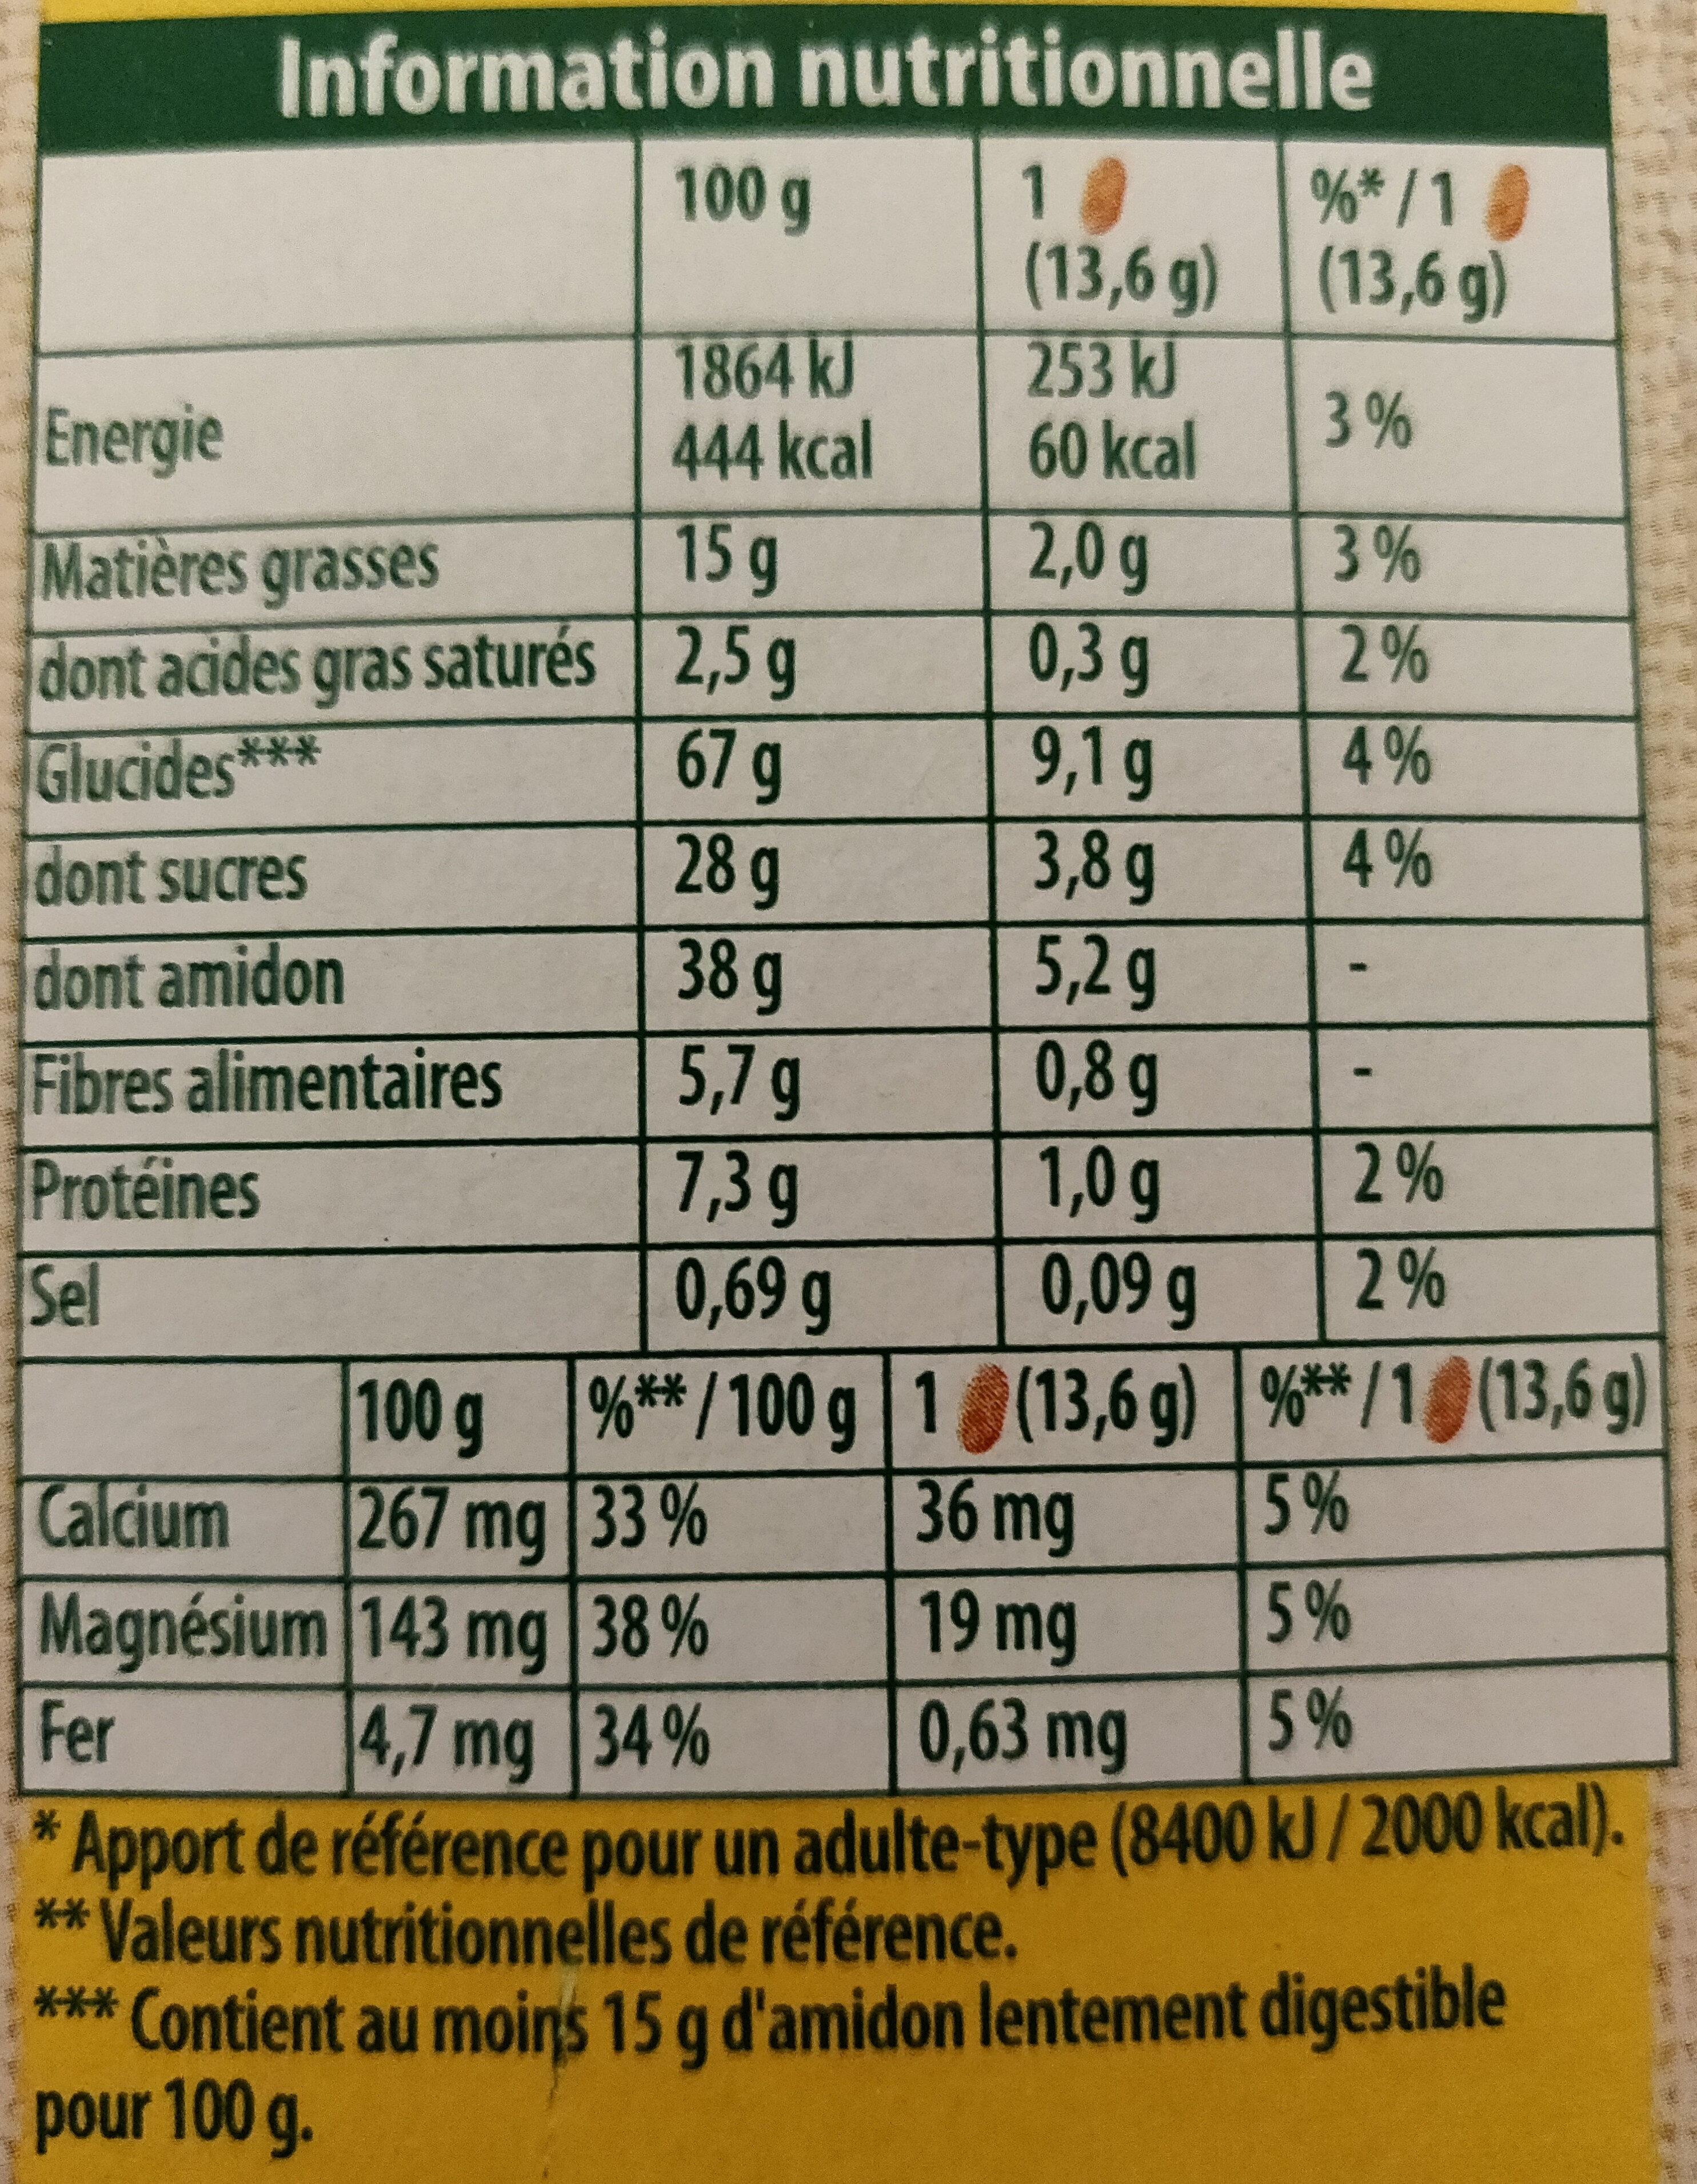 Belvita original Miel et pépites de chocolat - Informations nutritionnelles - fr